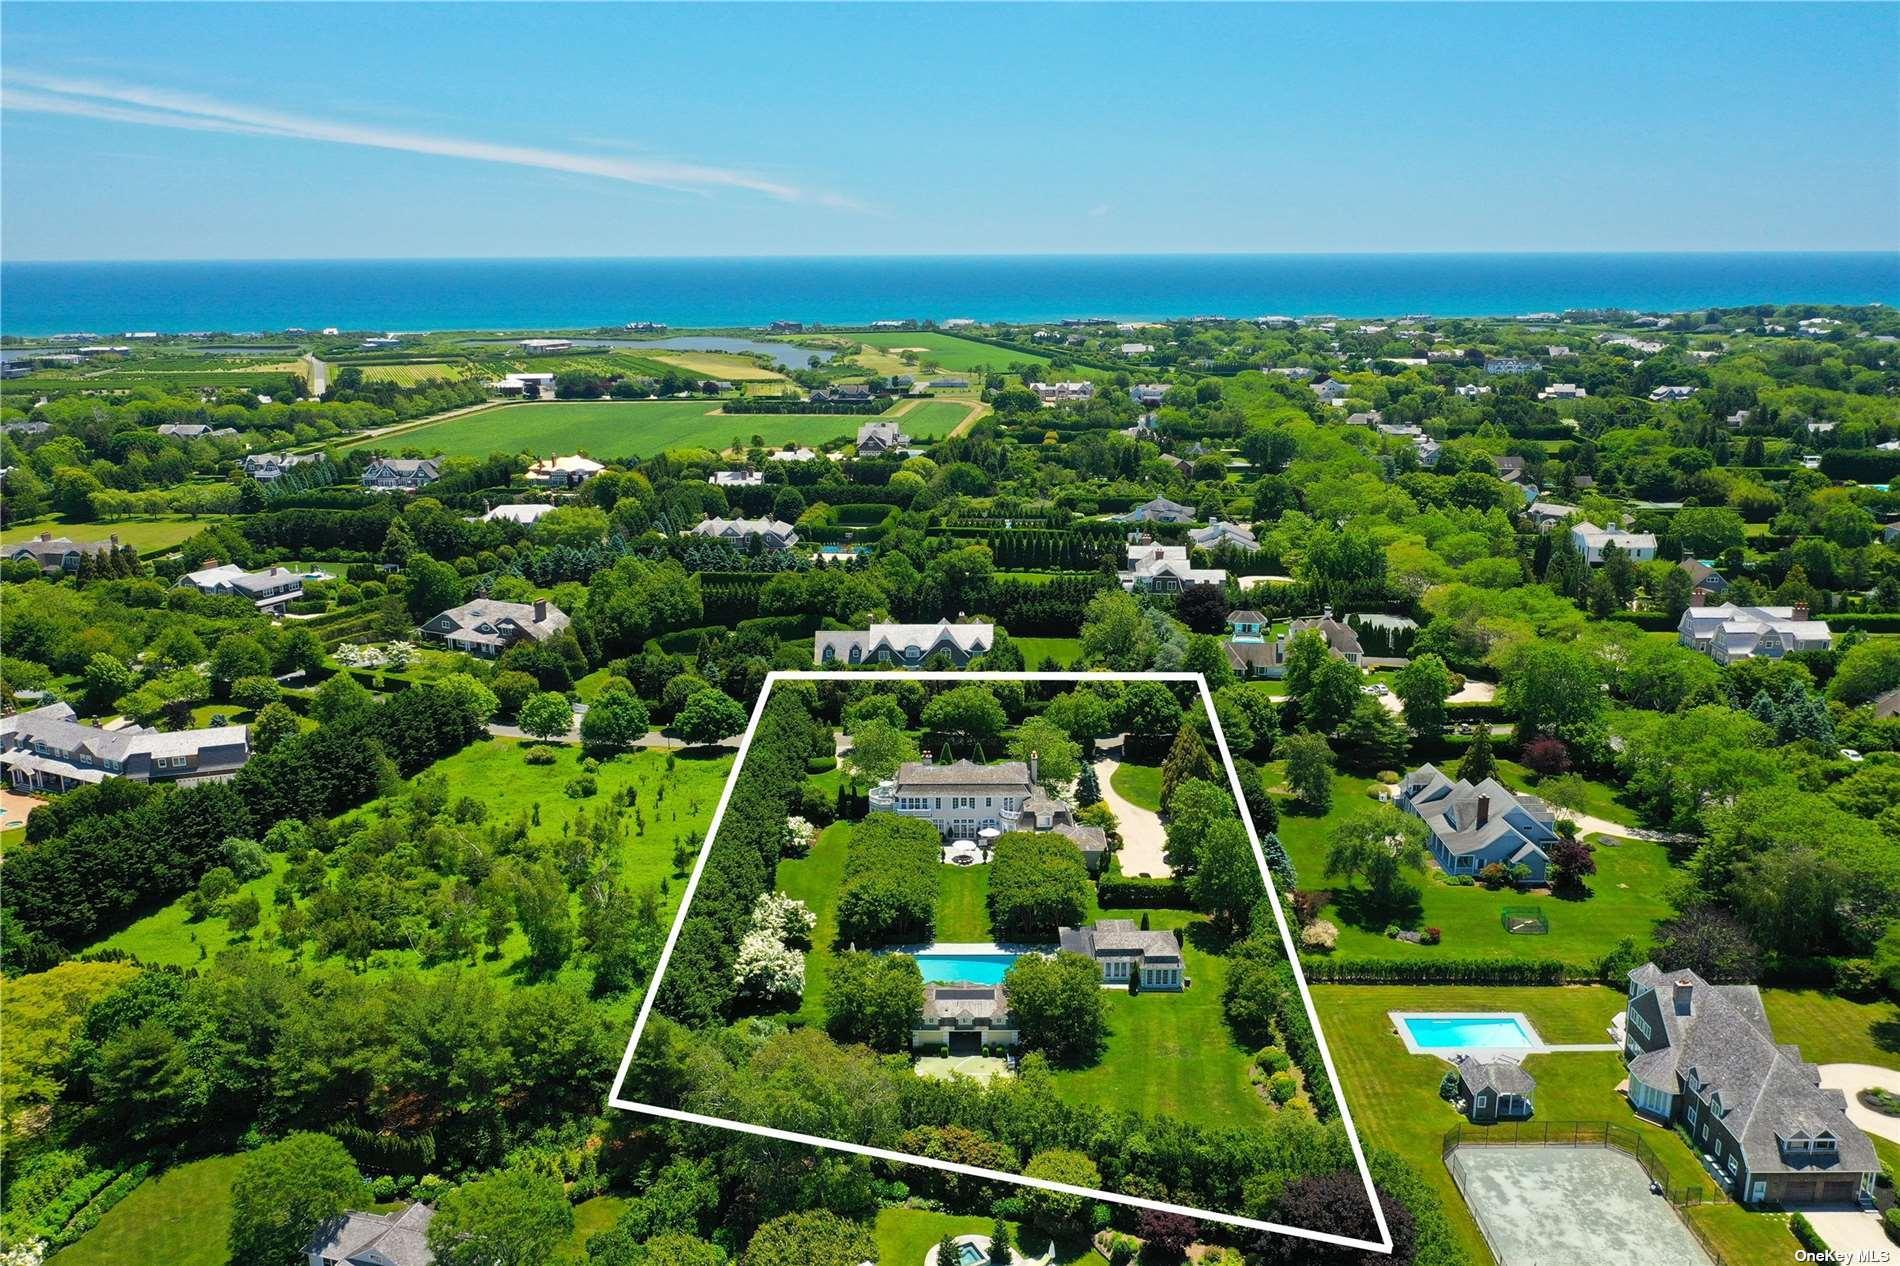 Photo of 3 Halsey Farm Drive, Southampton, NY 11968, Southampton, NY 11968